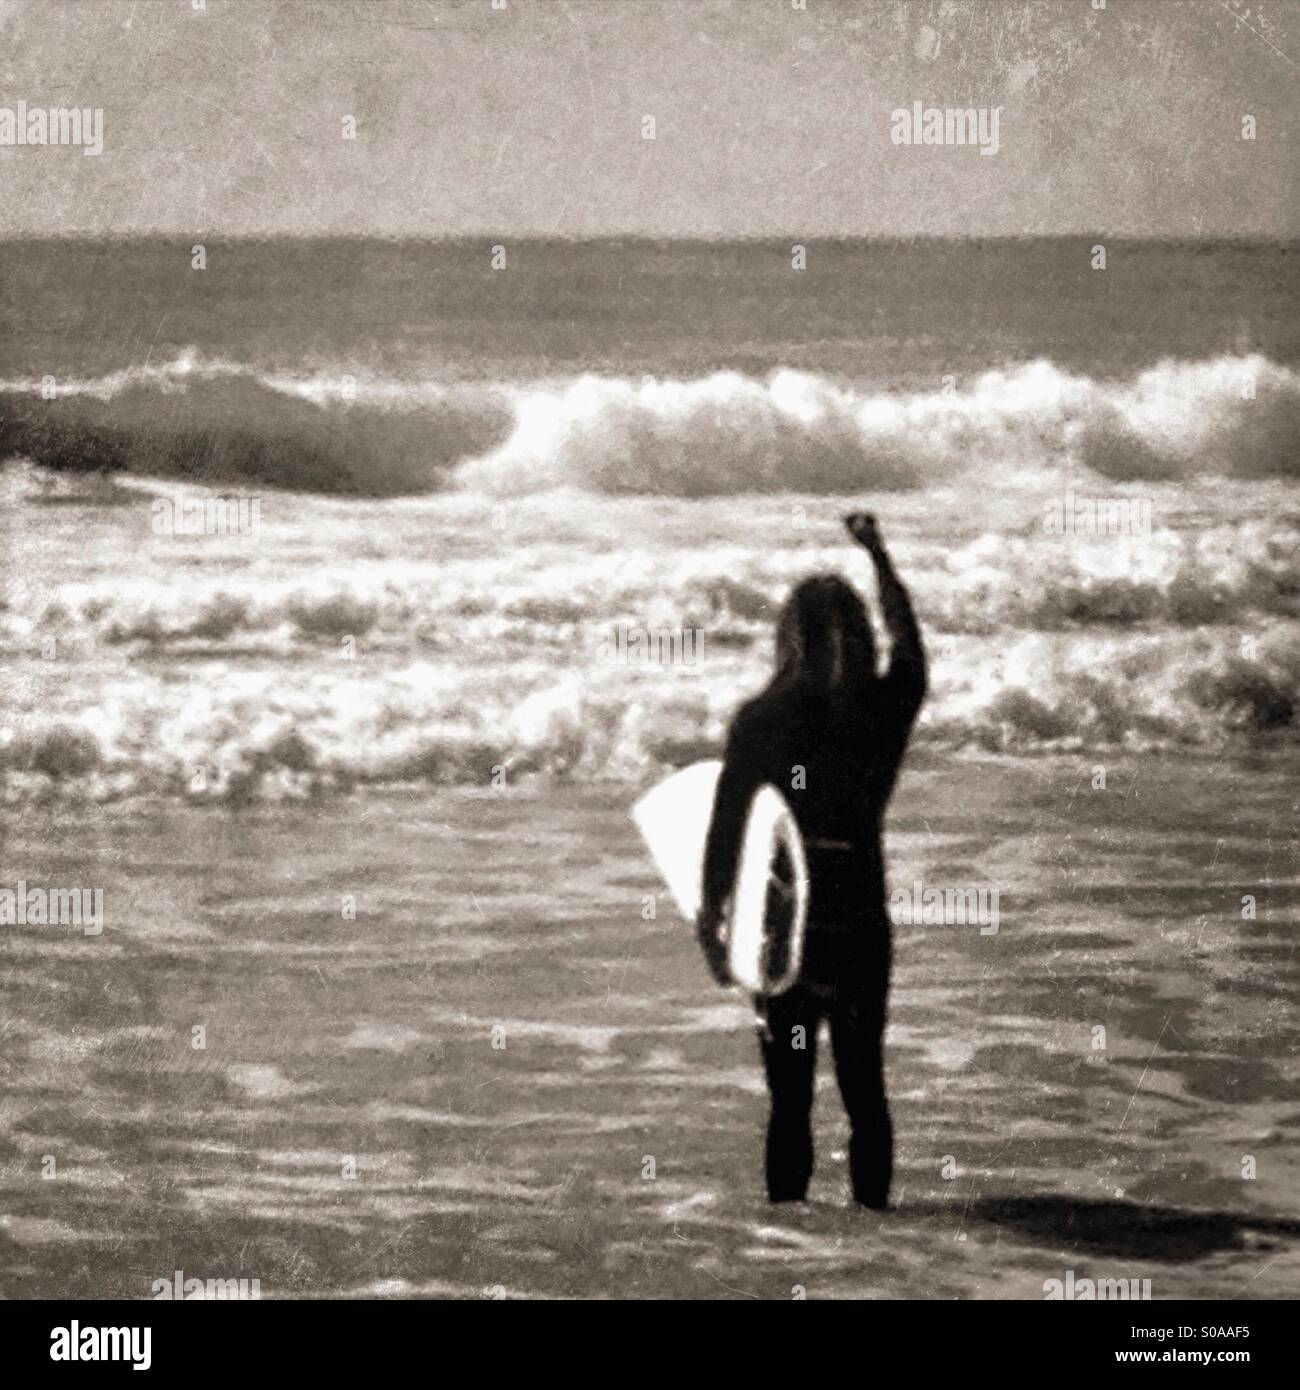 Emocionada surfer mirando a las olas. Foto de stock